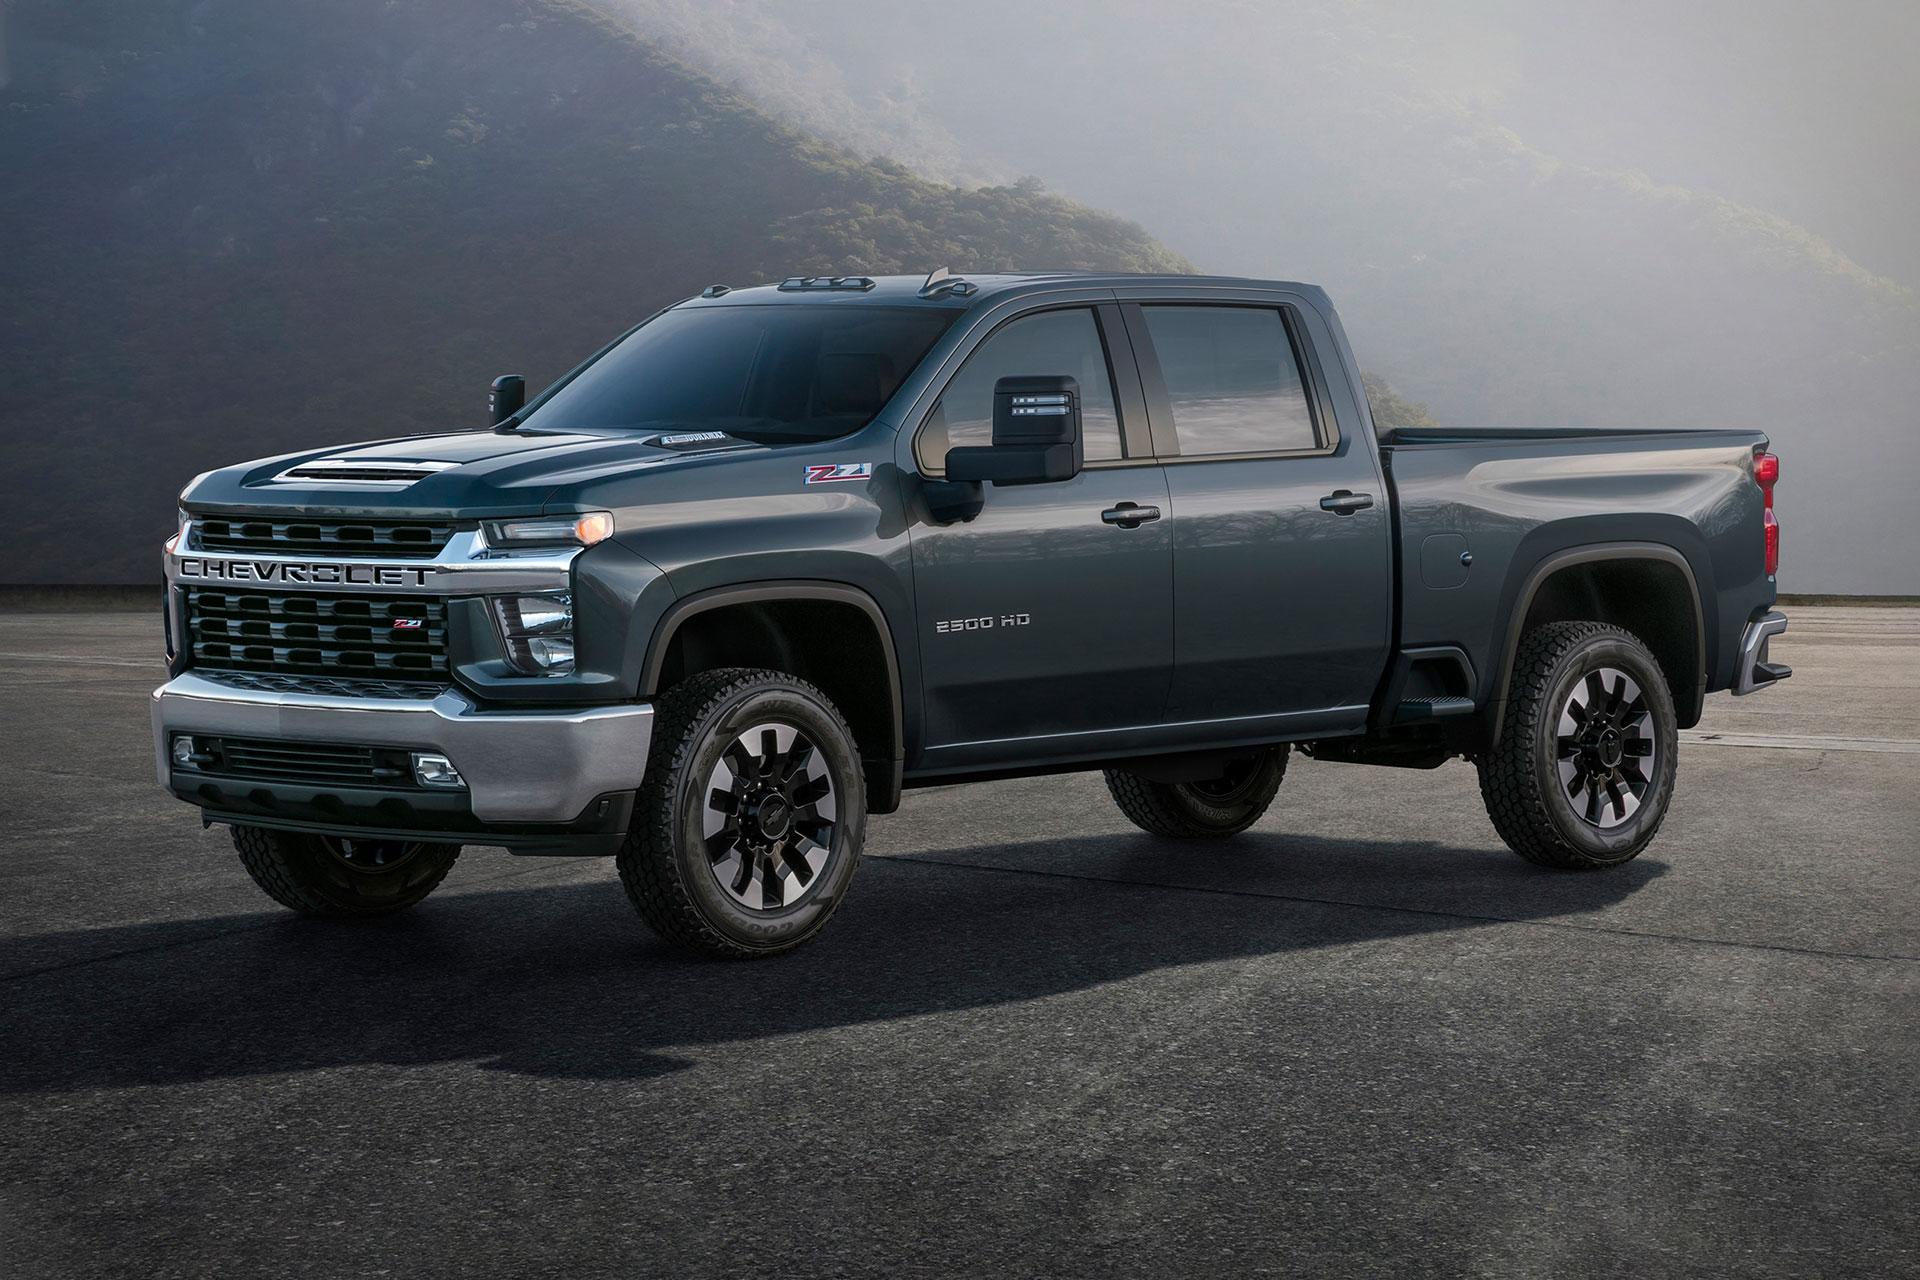 2020 Chevrolet Silverado HD Truck | Uncrate